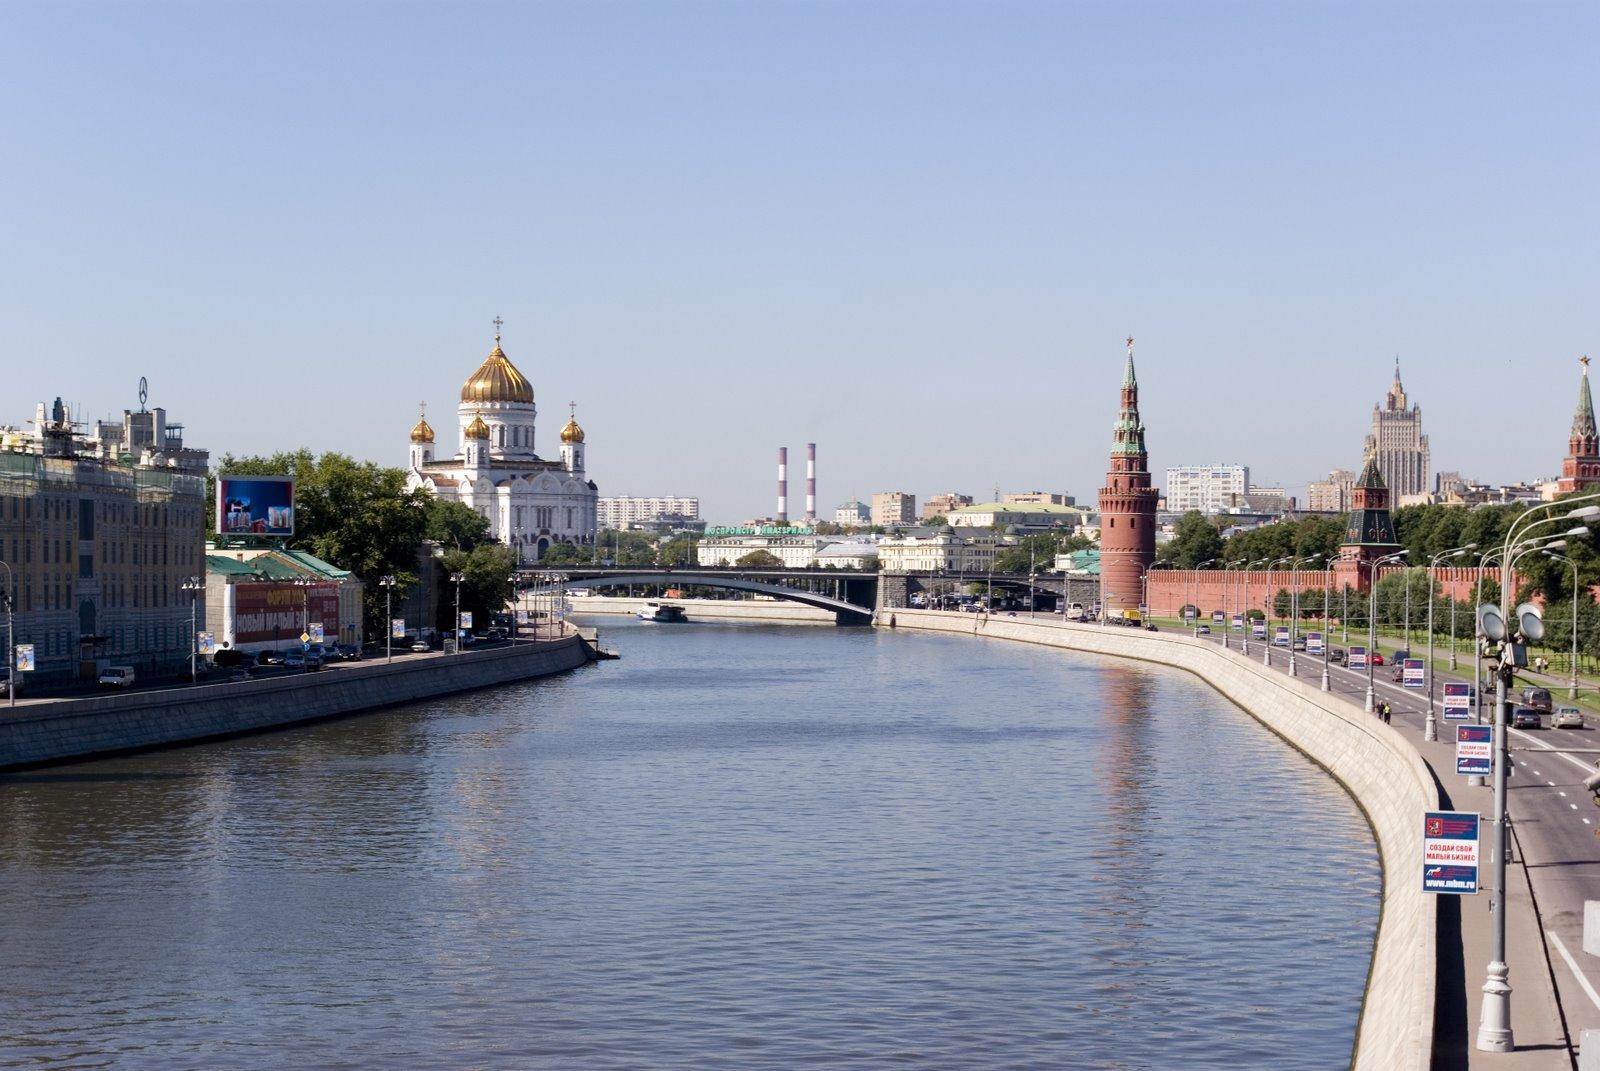 Мужчина наспор прыгнул степлохода вреку вцентральной части Москвы